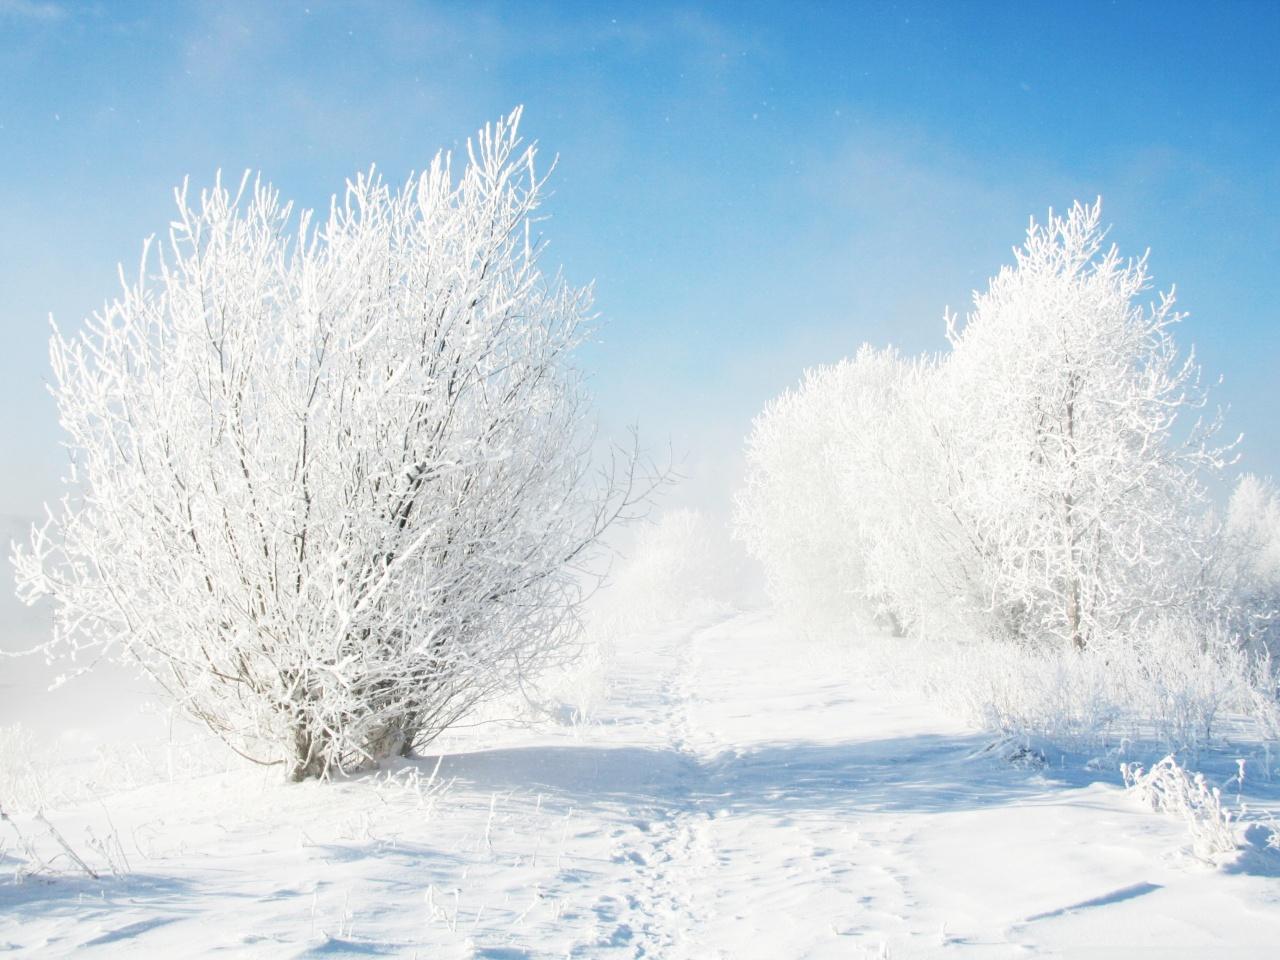 خلفيات فصل الشتاء والثلوج هذه السنة عالية الجودة فل اتش دي